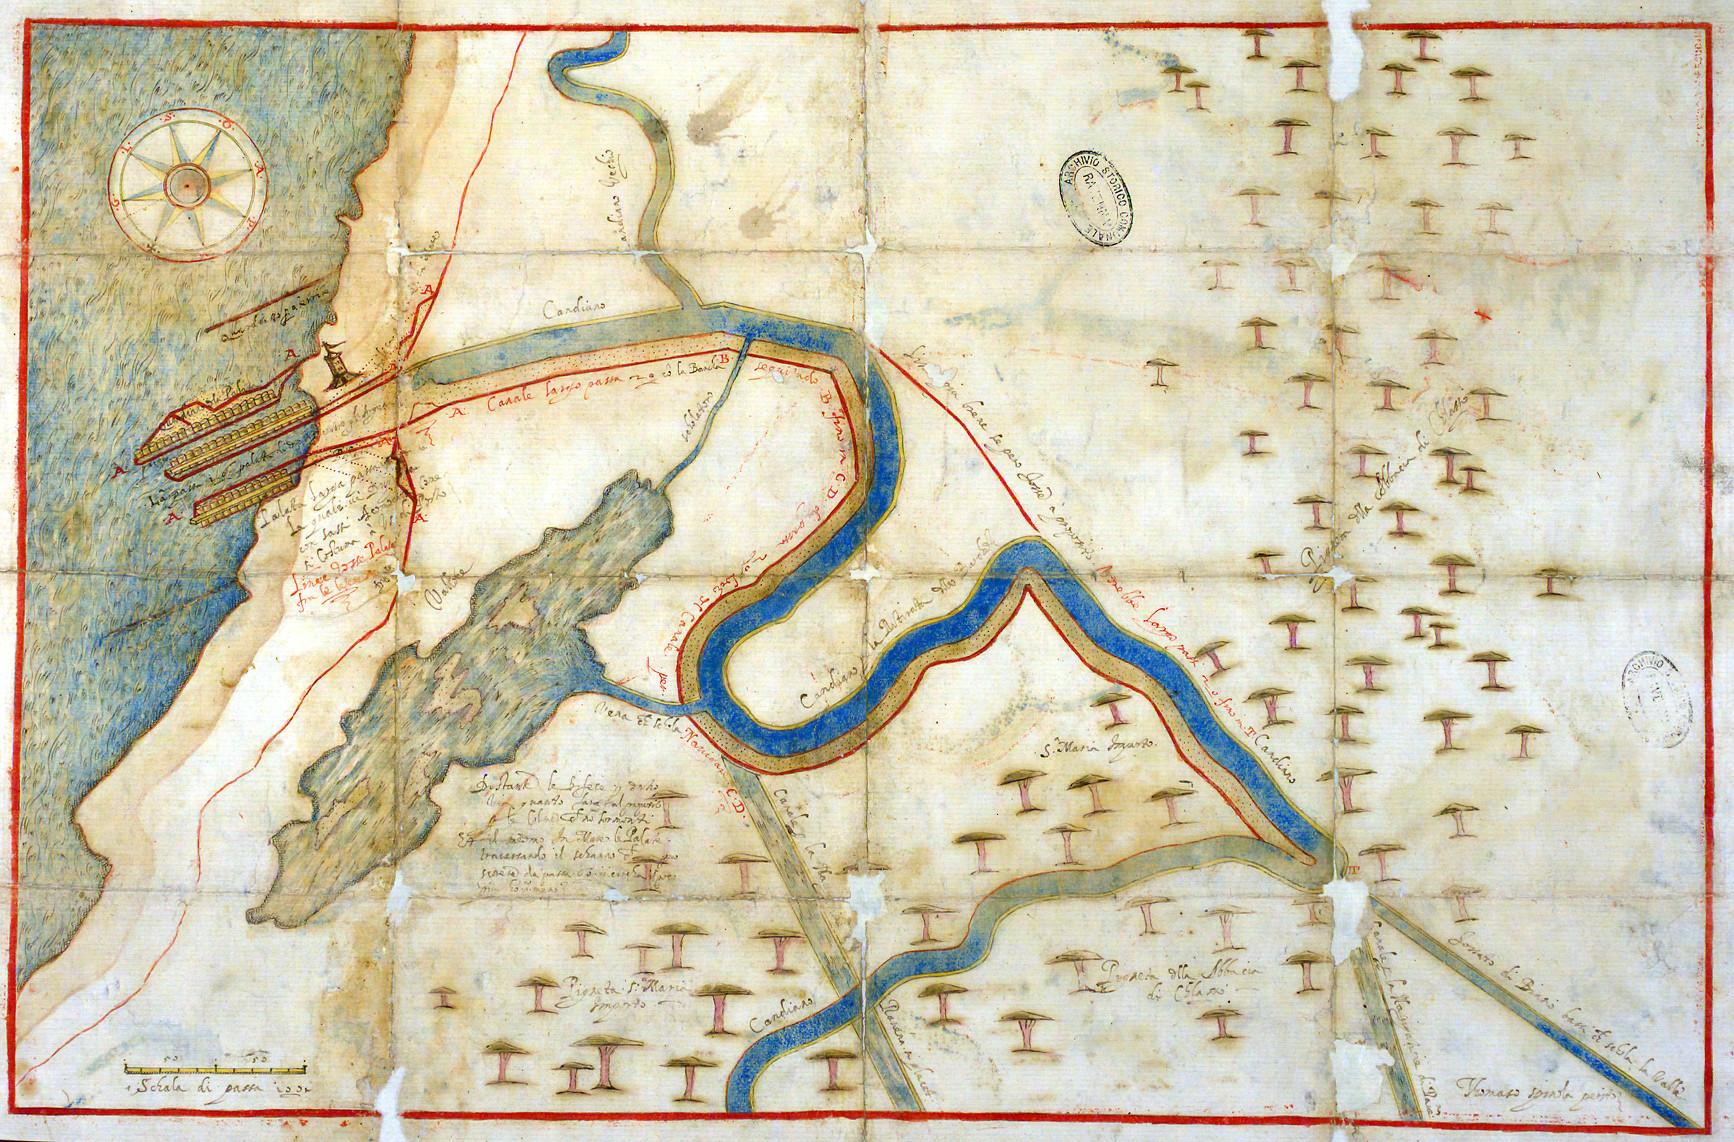 Porto Candiano autore: Tommaso Spinola  data: XVI secolo